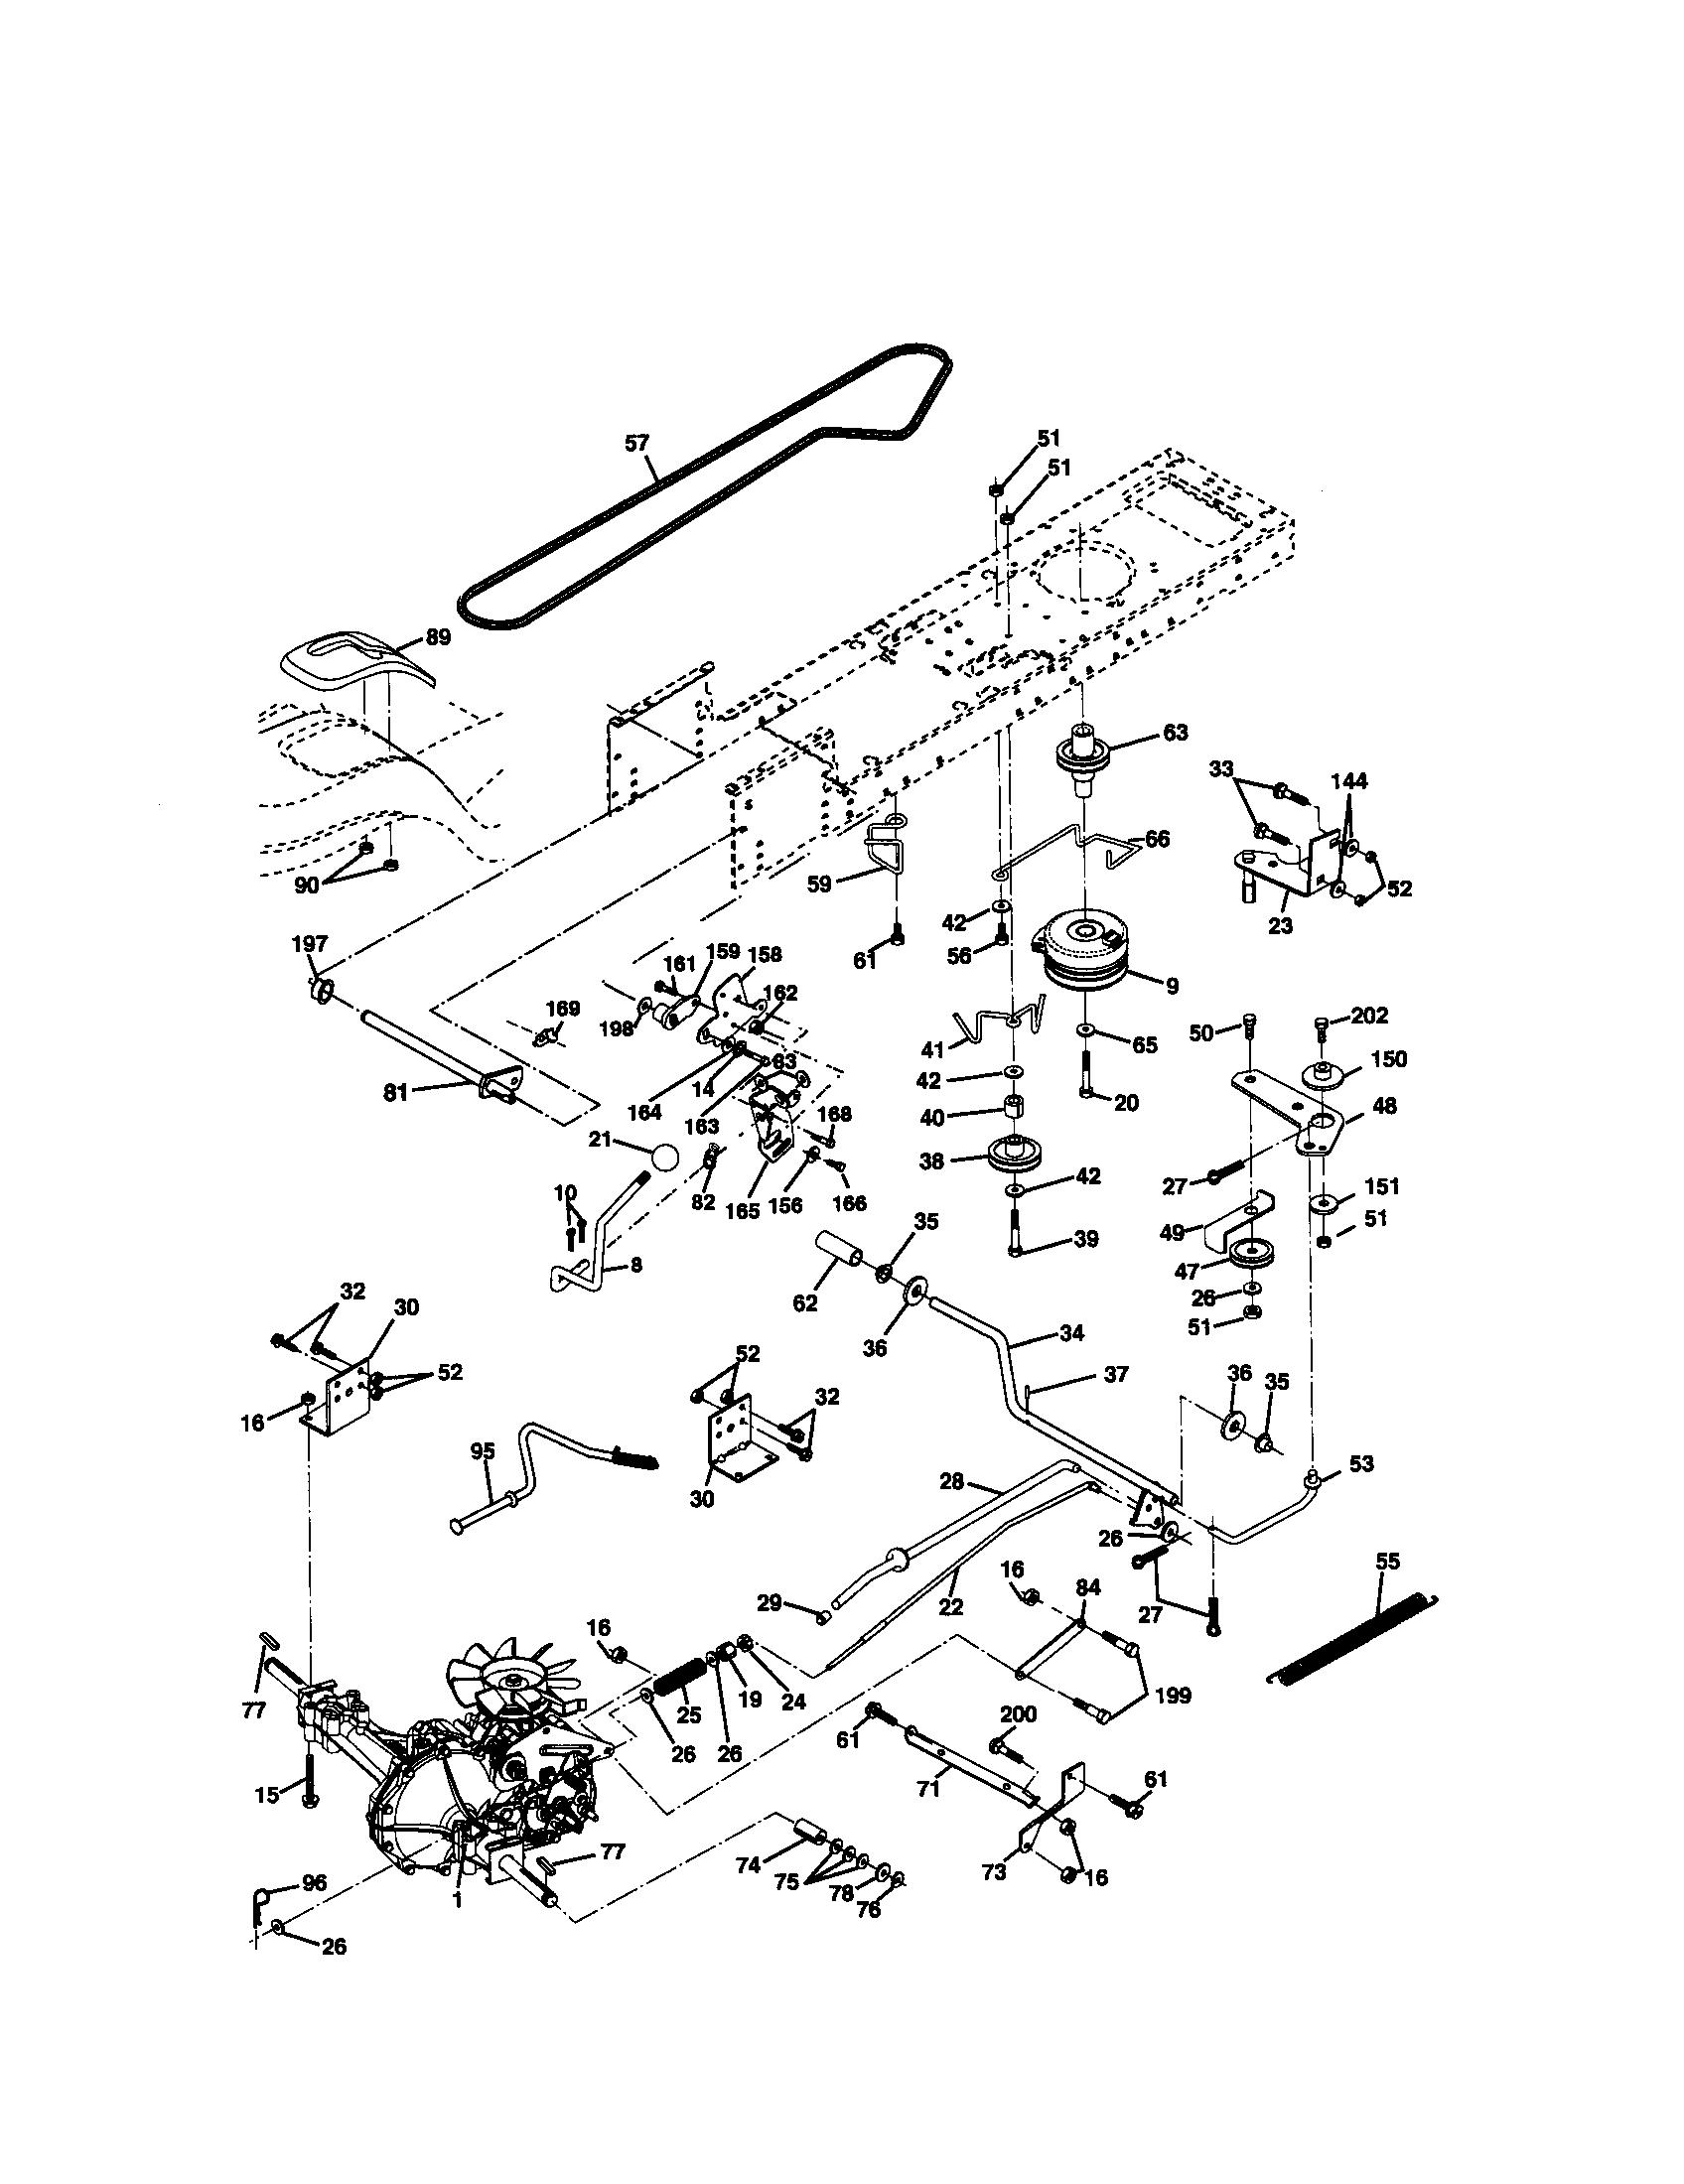 Kohler lawn mower engine diagram power meter wiring diagram p0070006 00003 kohler lawn mower engine diagramhtml